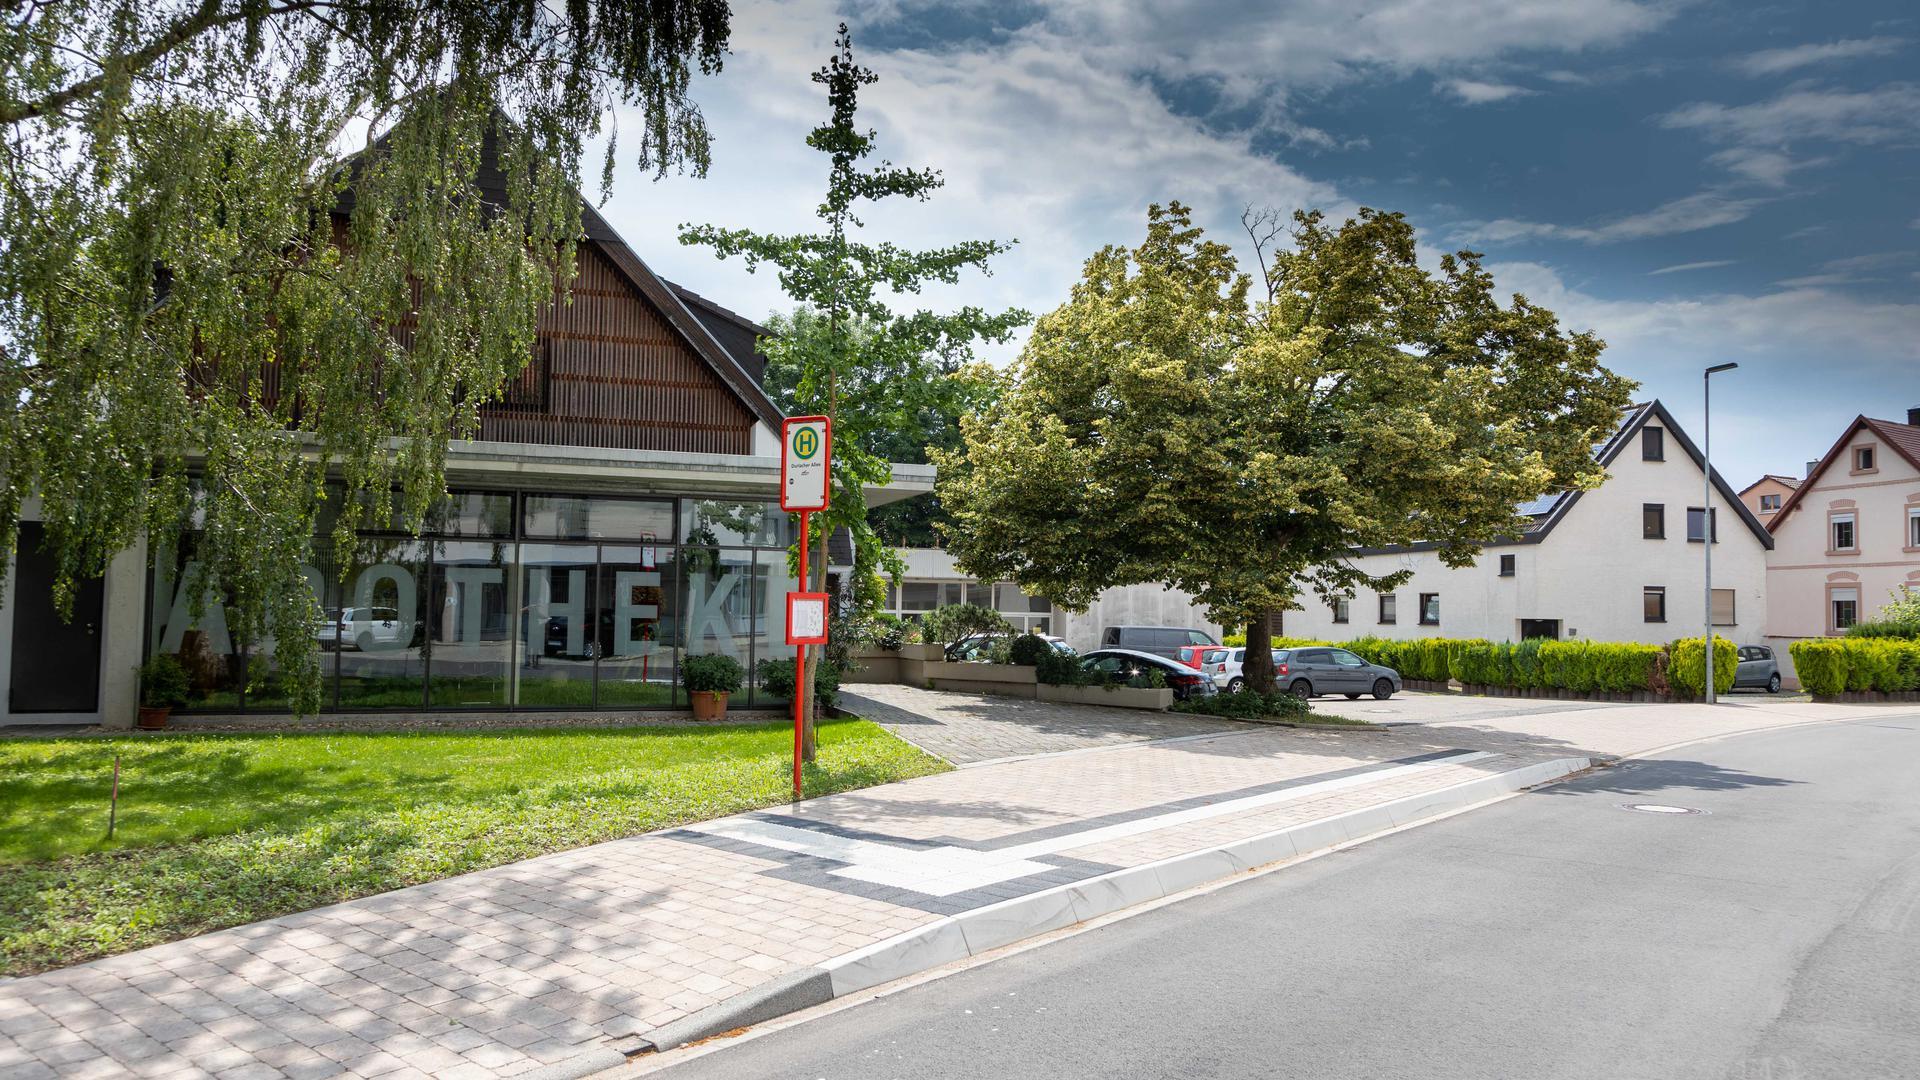 Der geplante W-Lan Access Point sollte nach CDU-Antrag eigentlich an der Bushaltestelle in der Wössinger Straße entstehen. Grüne und SPD waren aus finanziellen Gründen dagegen.